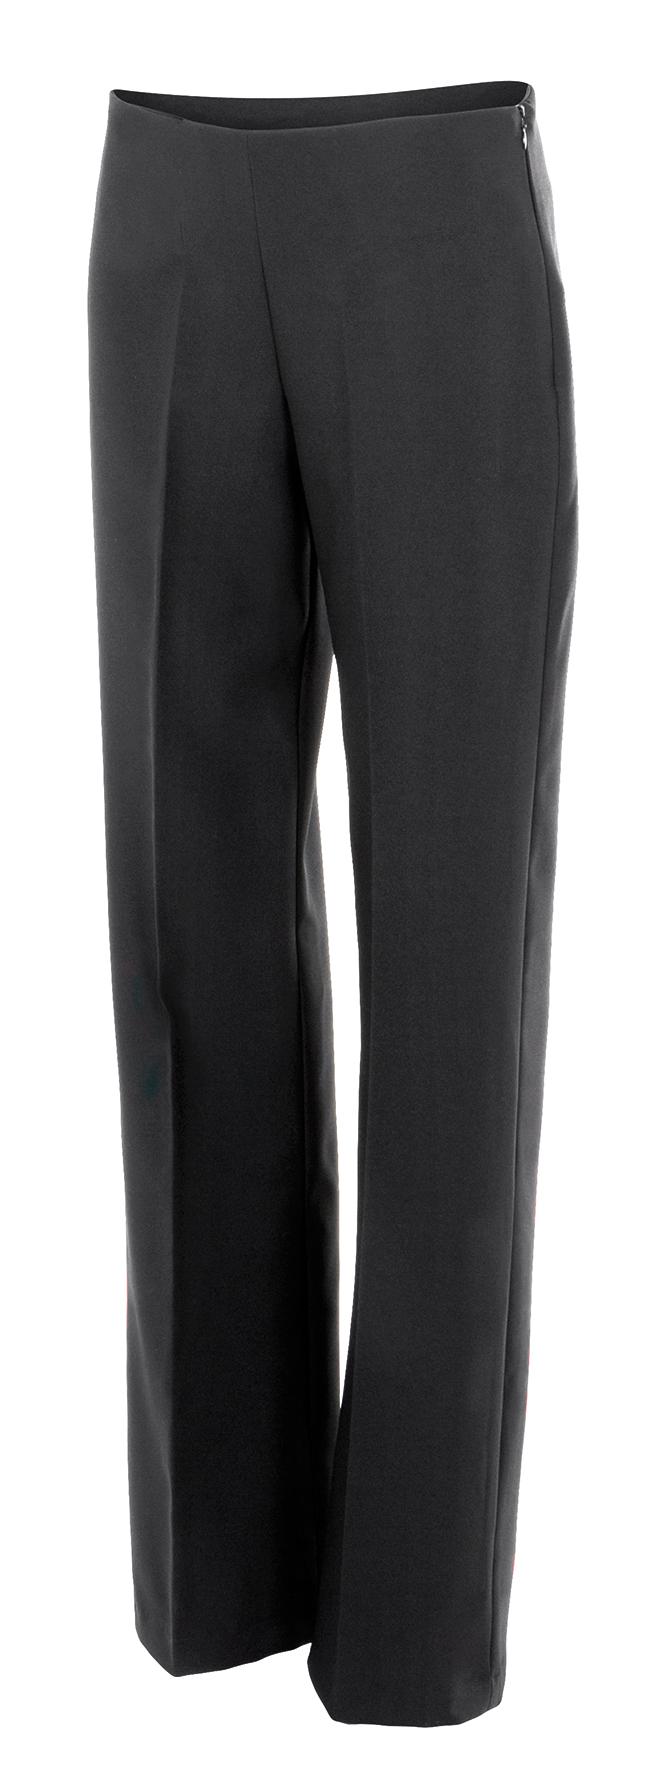 Pantalón de Mujer con Relojero Velilla Serie Cariñena